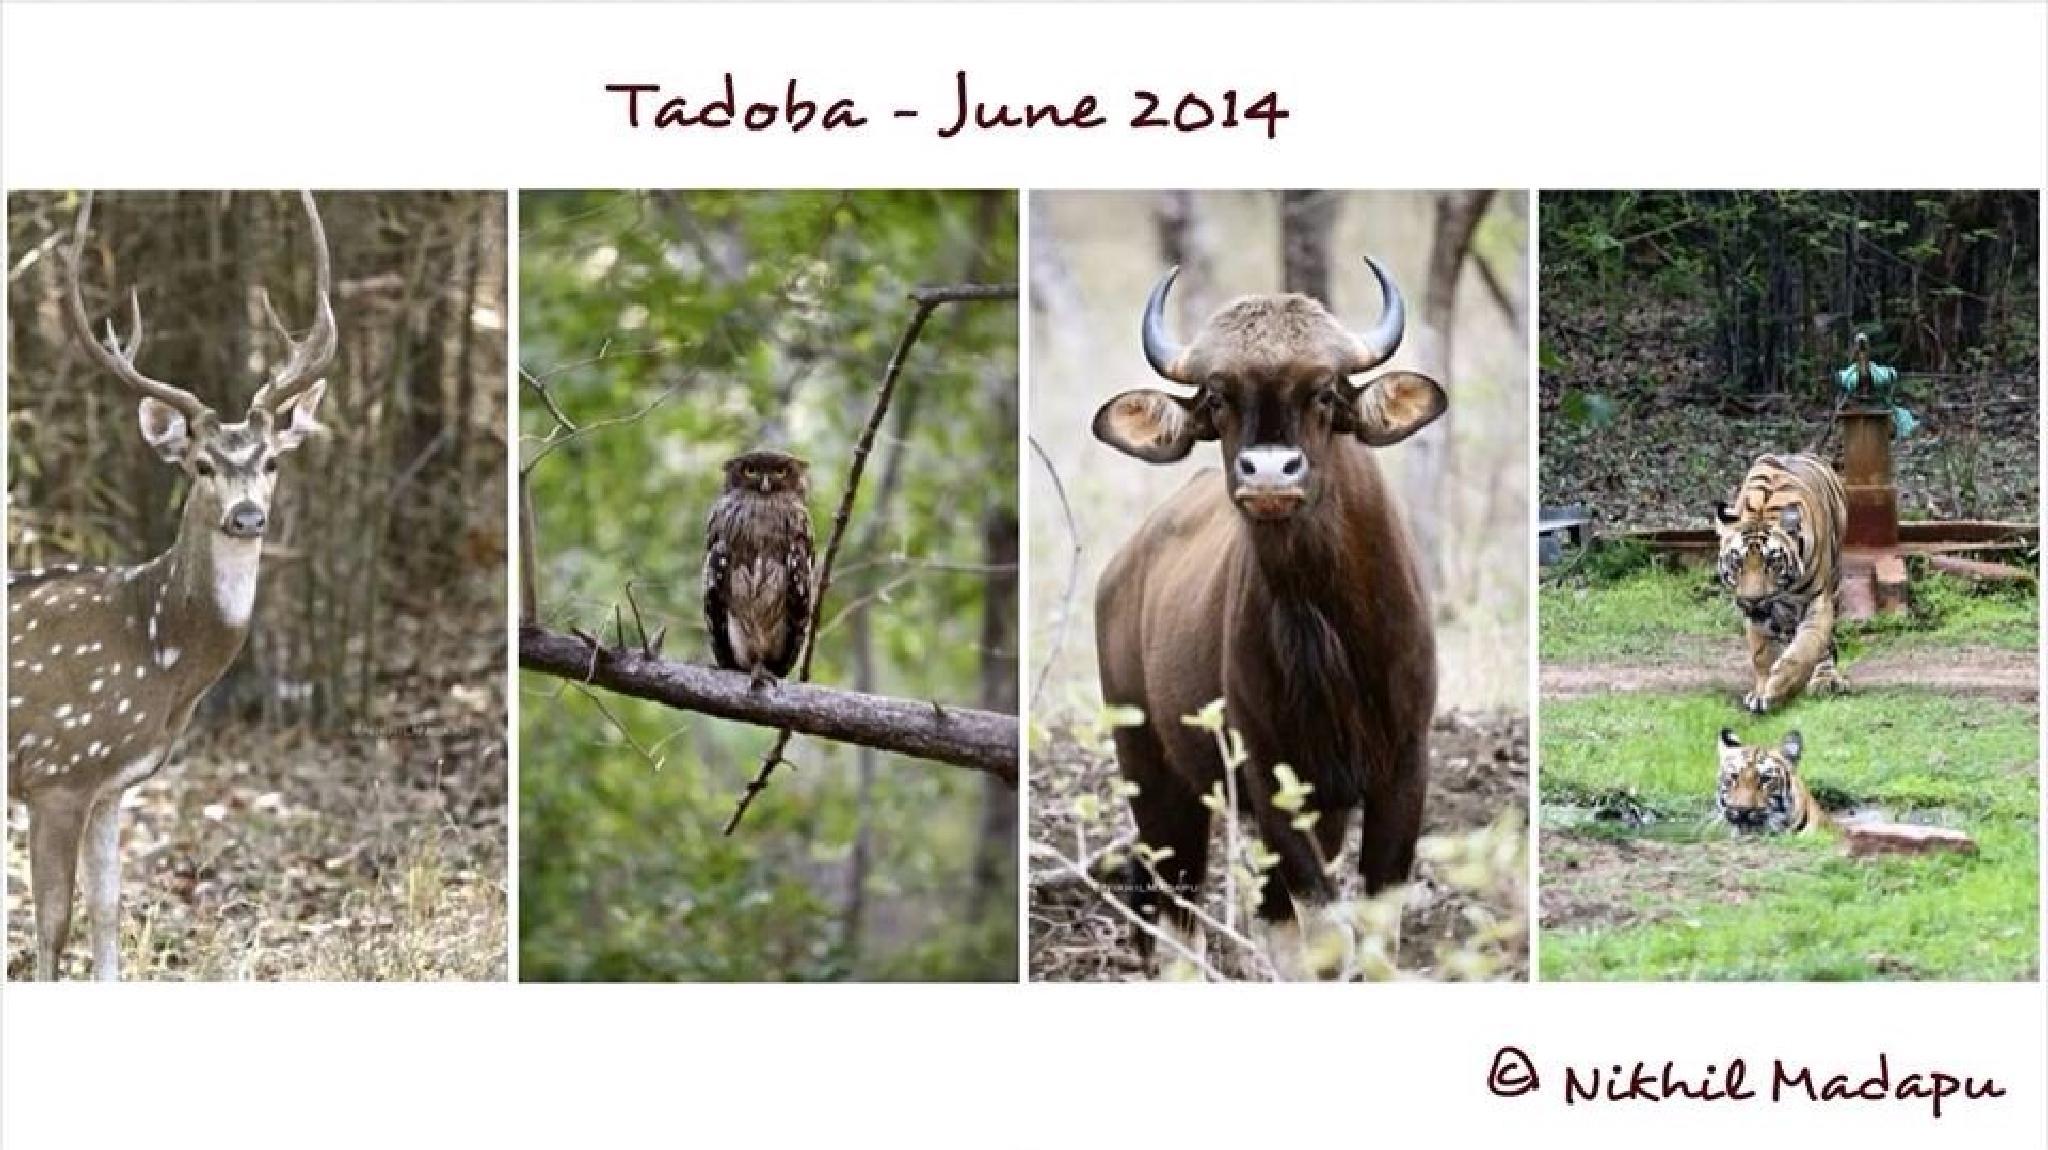 Tadoba June 2014 by Nikhil madapu